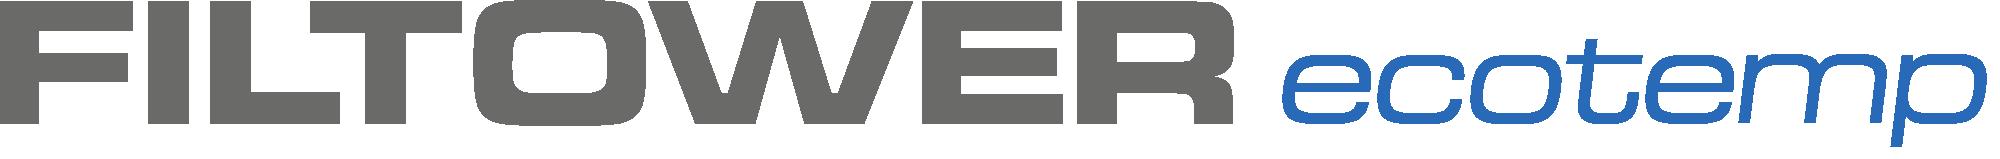 Der Filterturm Filtower ecotemp von ESTA.